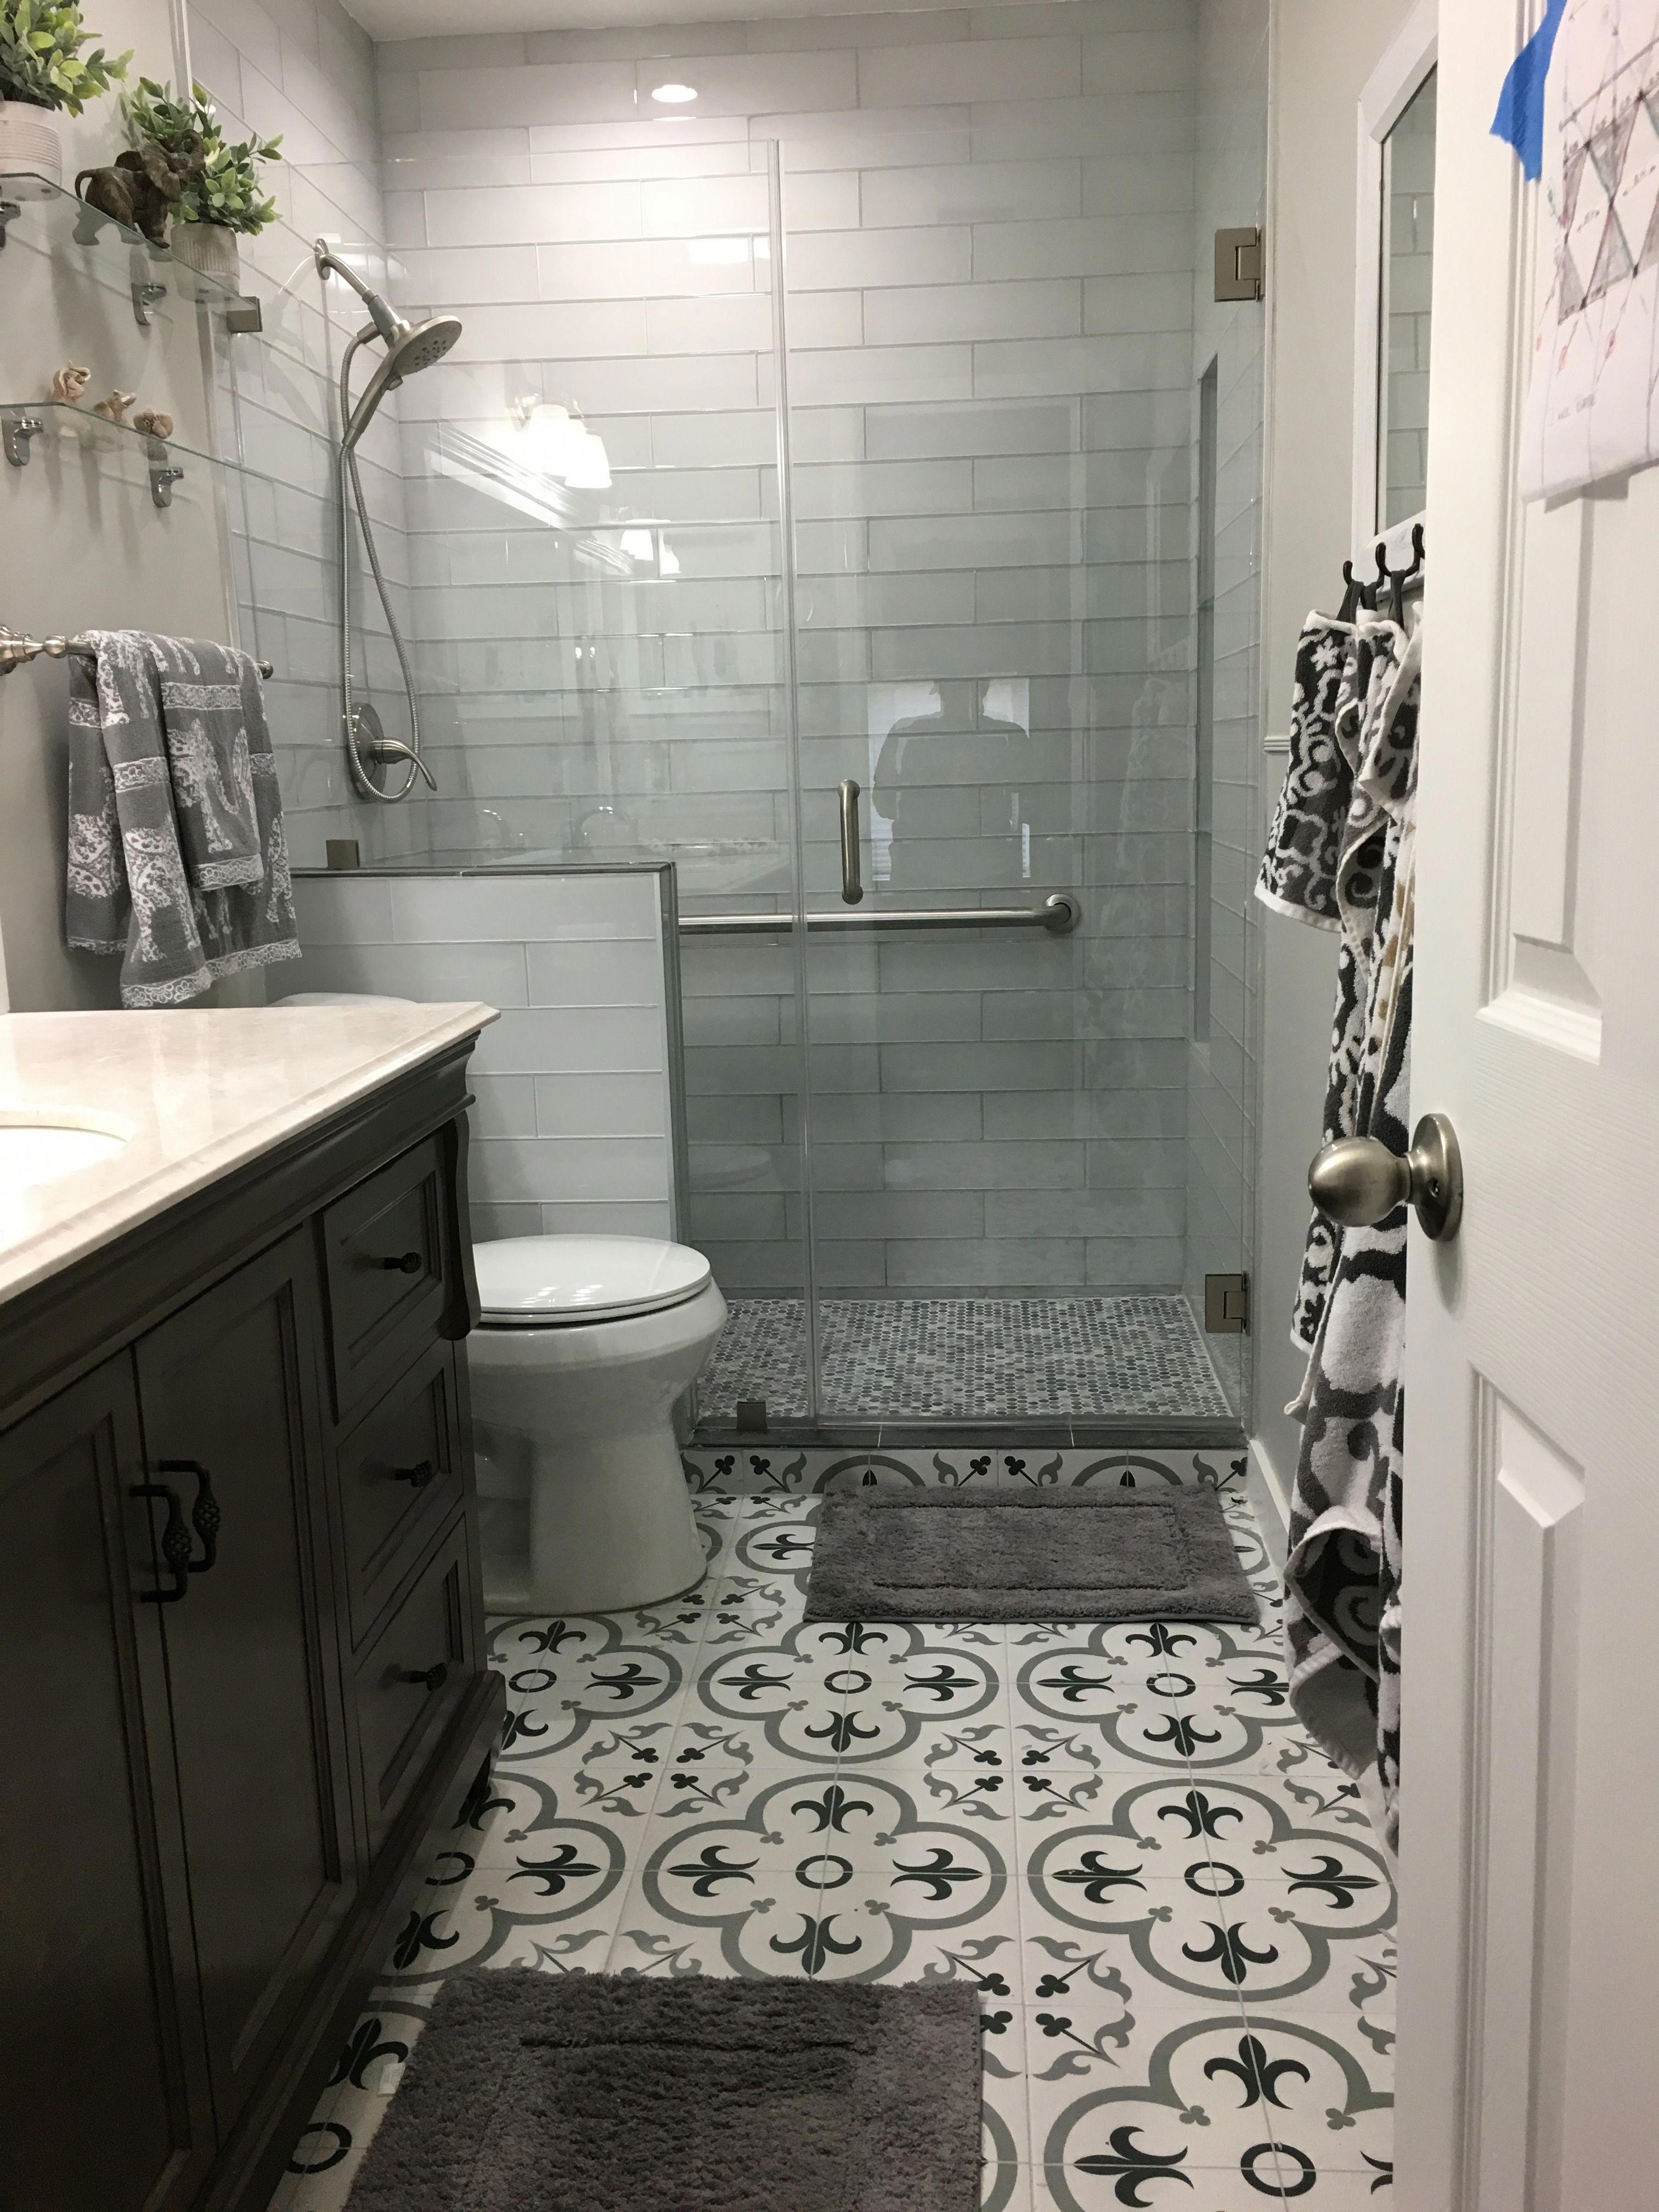 Bath Remodel Tiles Floor Decor Floor Florentina Grey Ceramic Shower Walls Snow Glass Tile Showe Douche Wanden Badkamer Vloertegels Kleine Badkamer Verbouwen